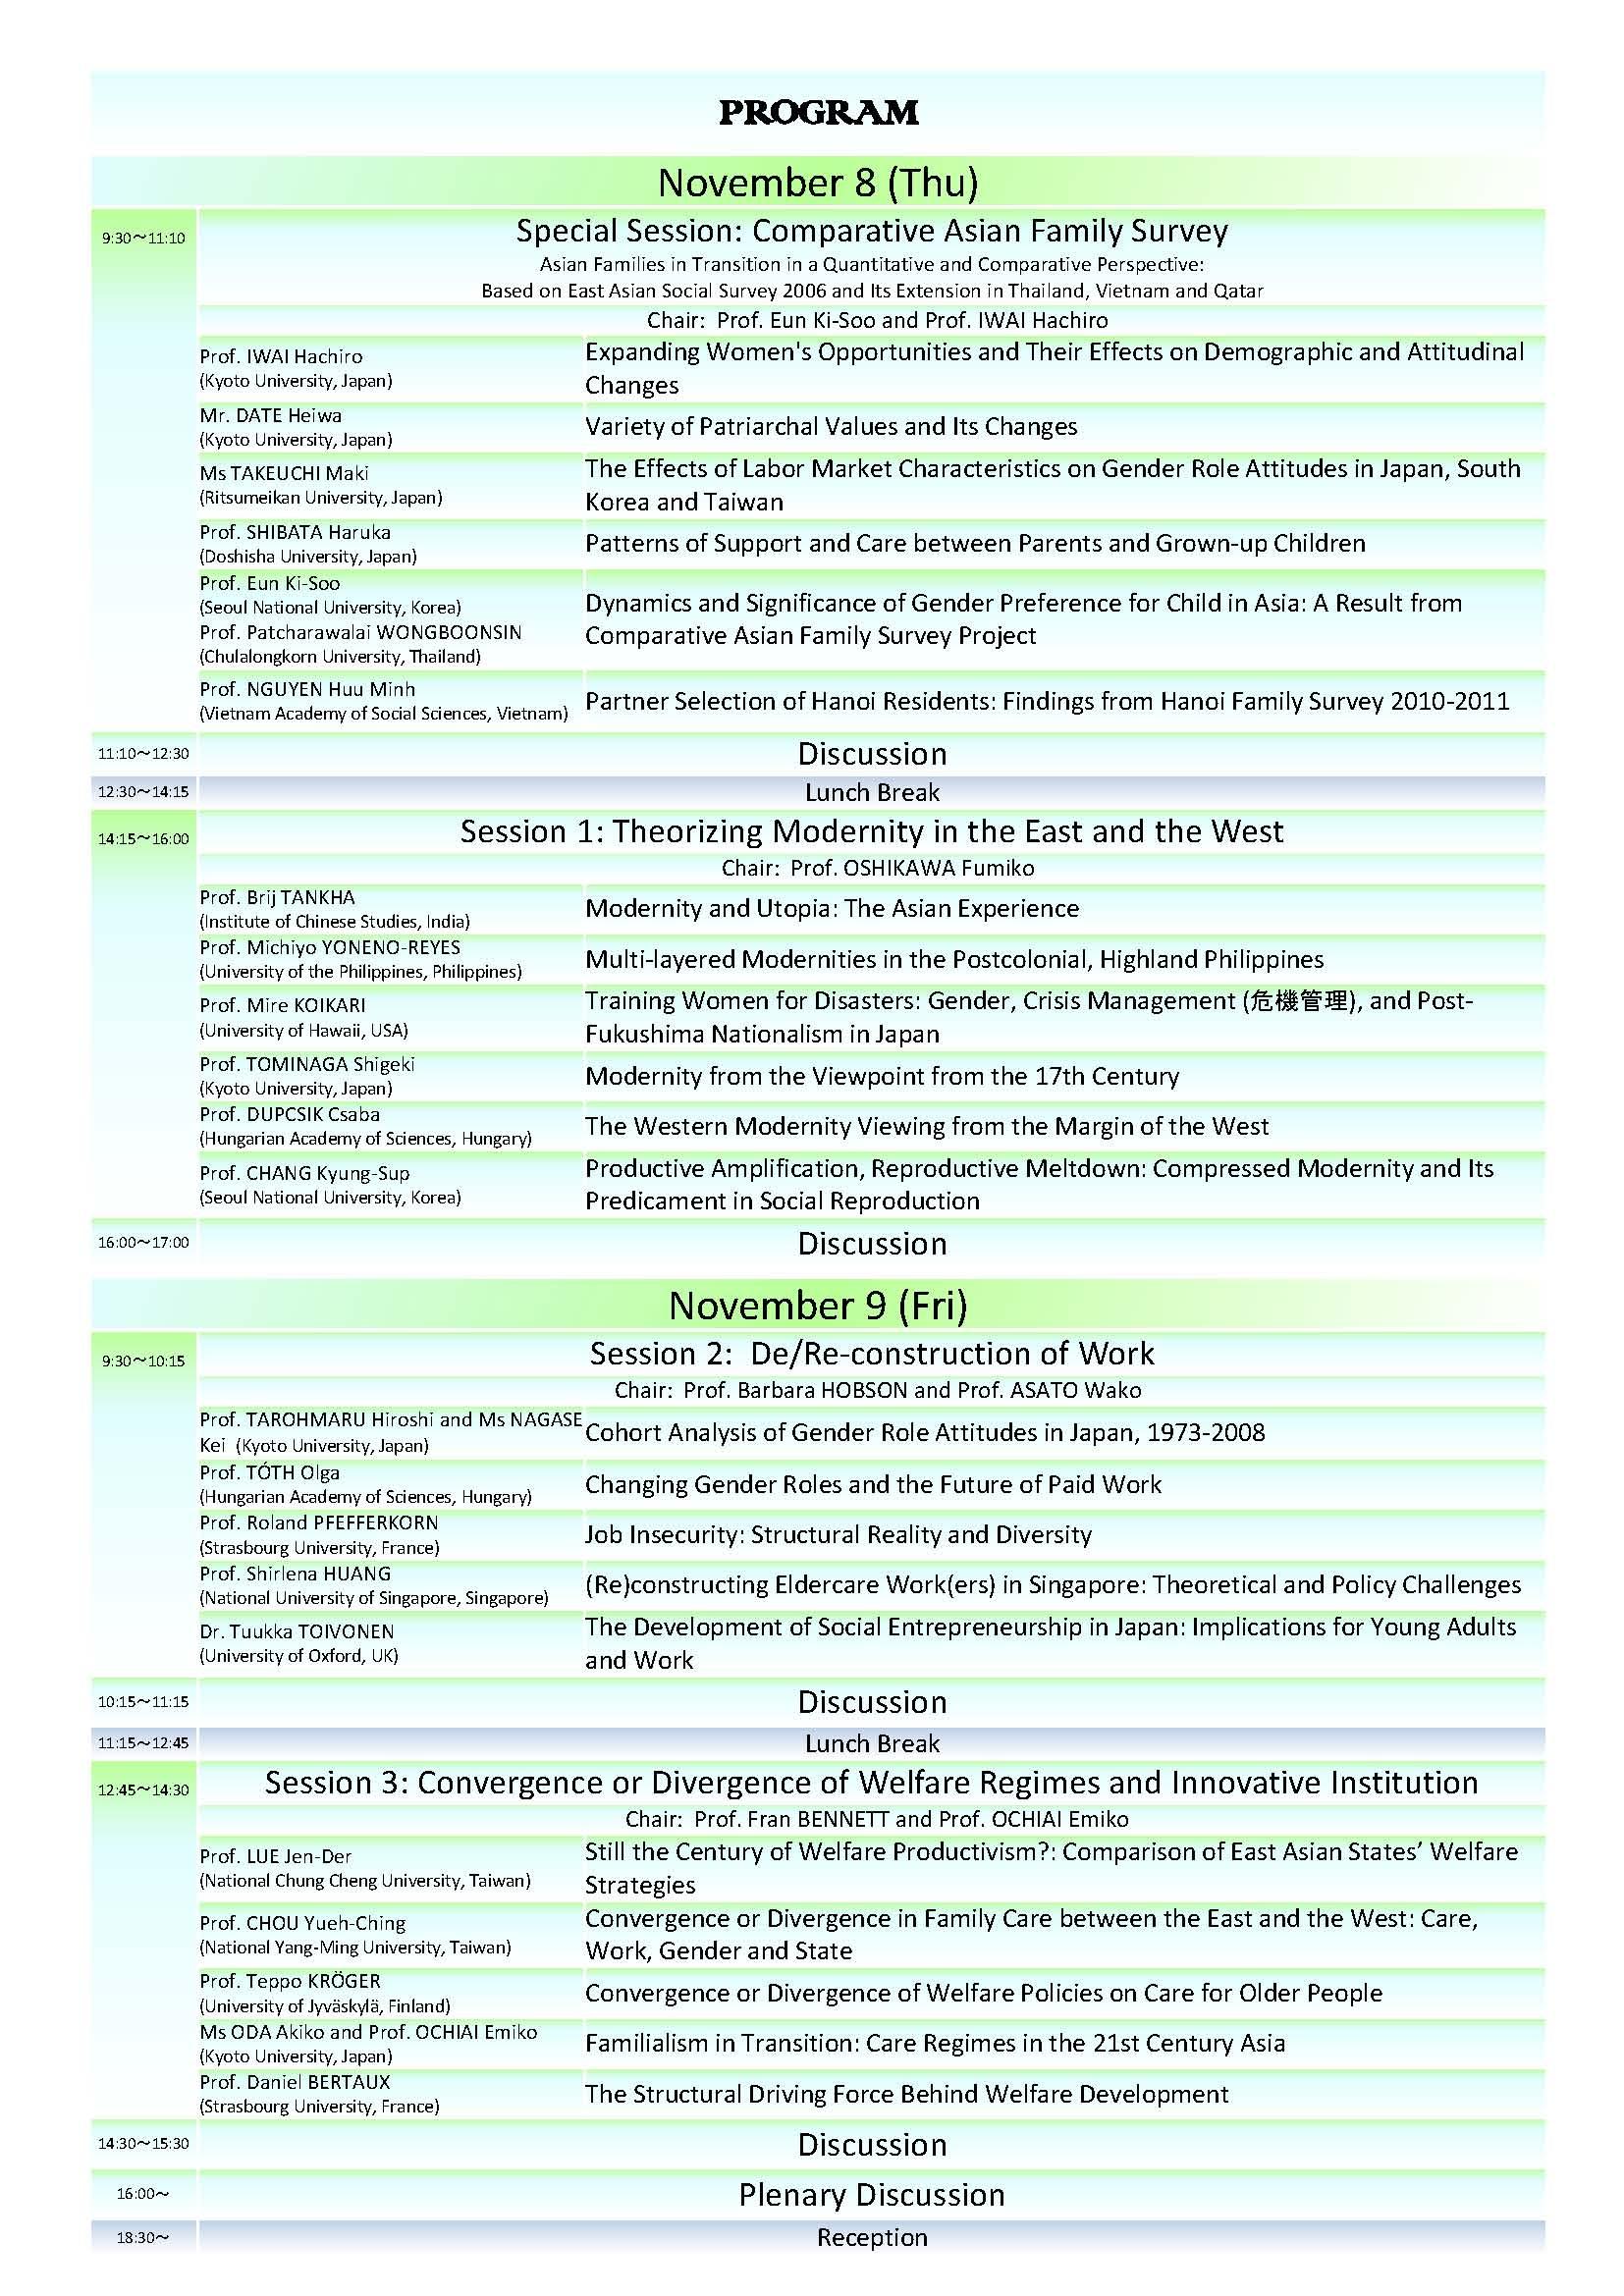 """国際会議""""Social Innovation and Sustainability for the Future"""" プログラム"""